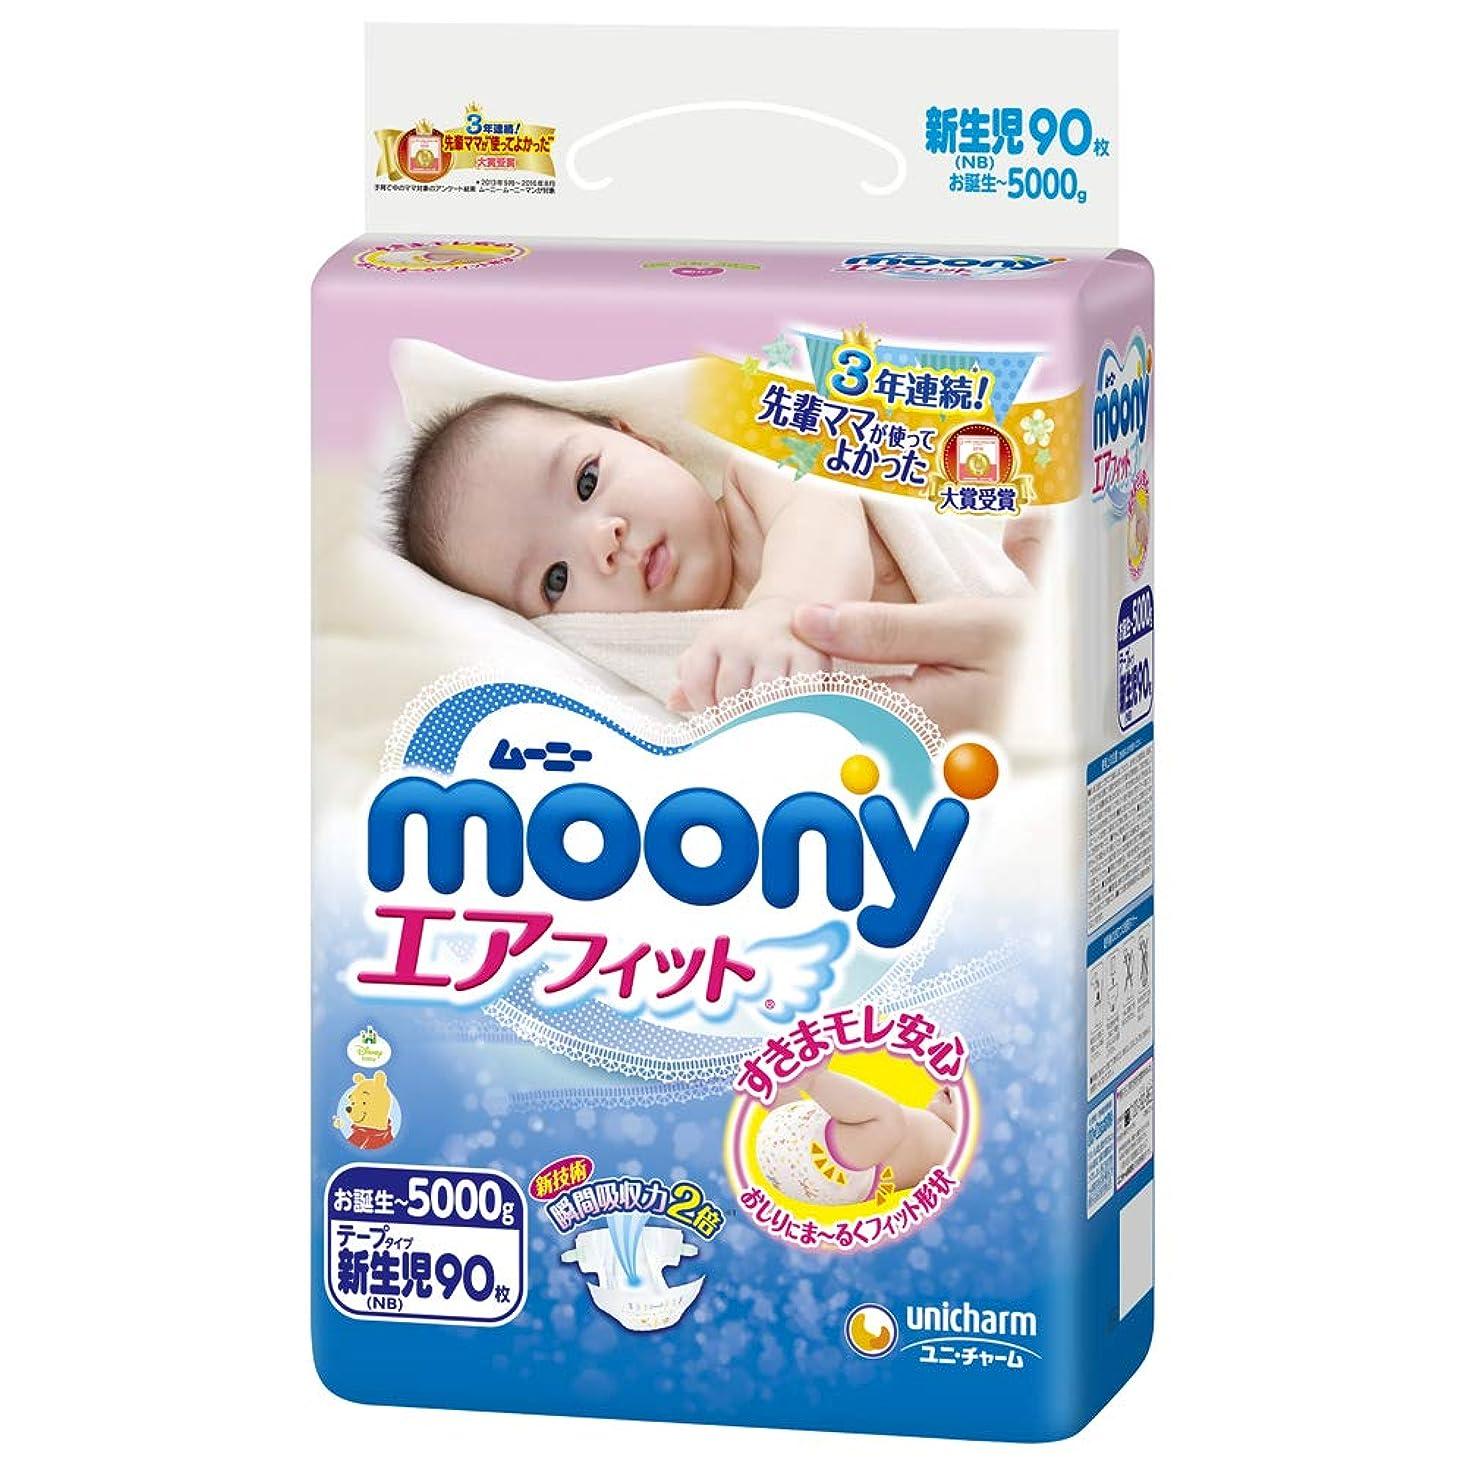 銀行配管買い物に行くムーニー テープ 新生児 (お誕生~5000g) 90枚